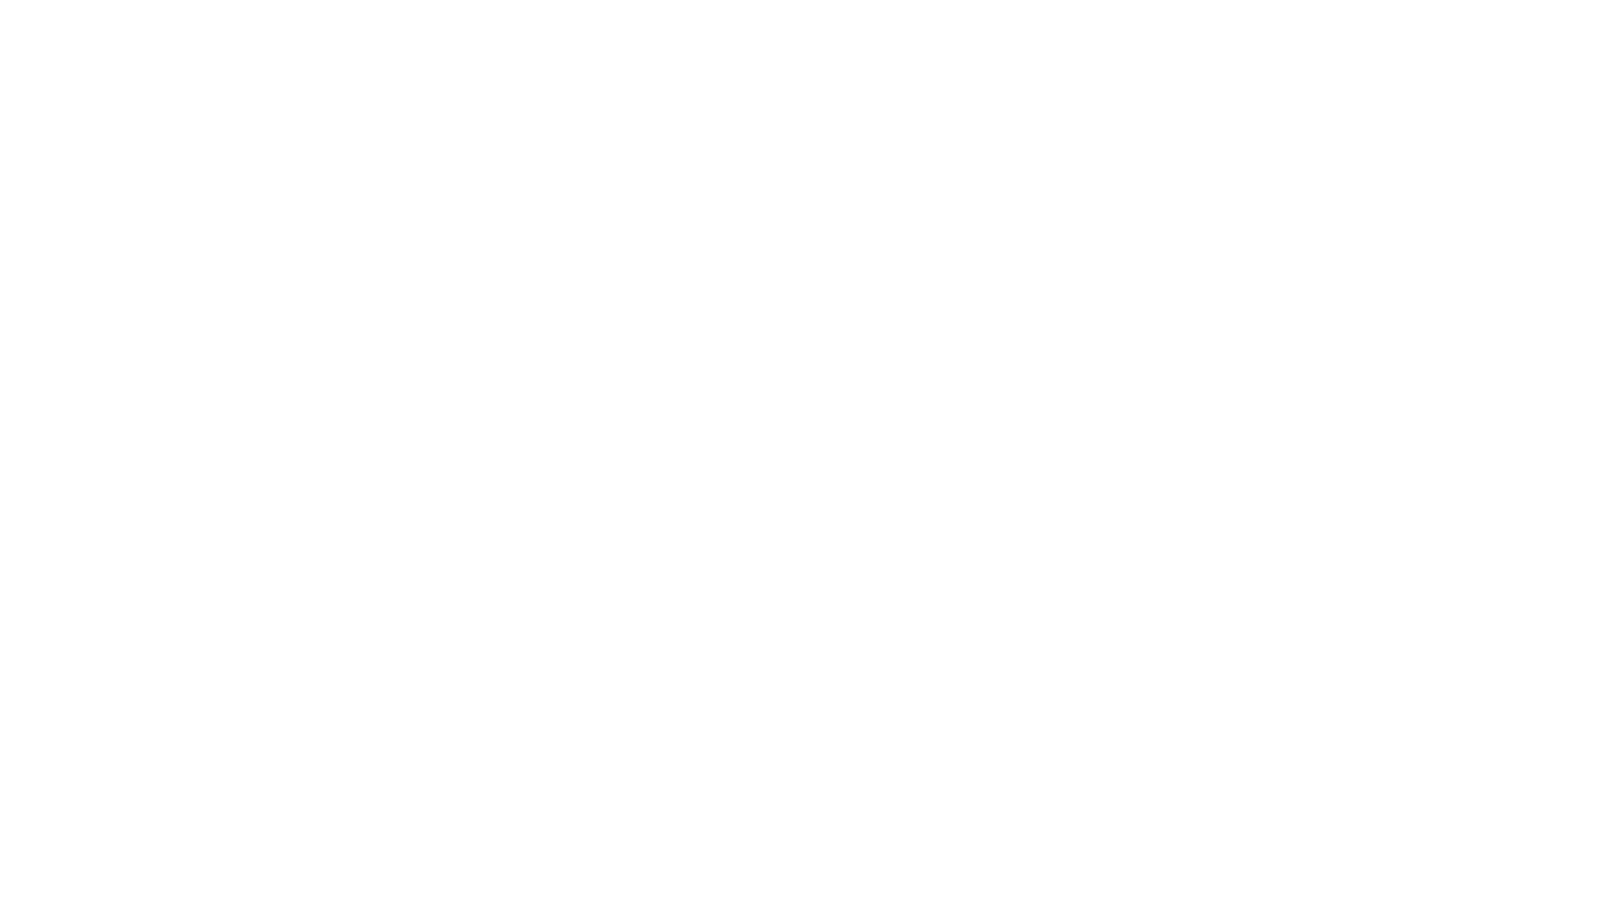 ・スギ花粉の舌下免疫療法の効果について ・新型コロナの濃厚接触者になった時の話 ・アラフォーブス、美容医療に興味津々 ブログやってます。 ▼はぐれオネエ情報通 http://hagureonee.com/